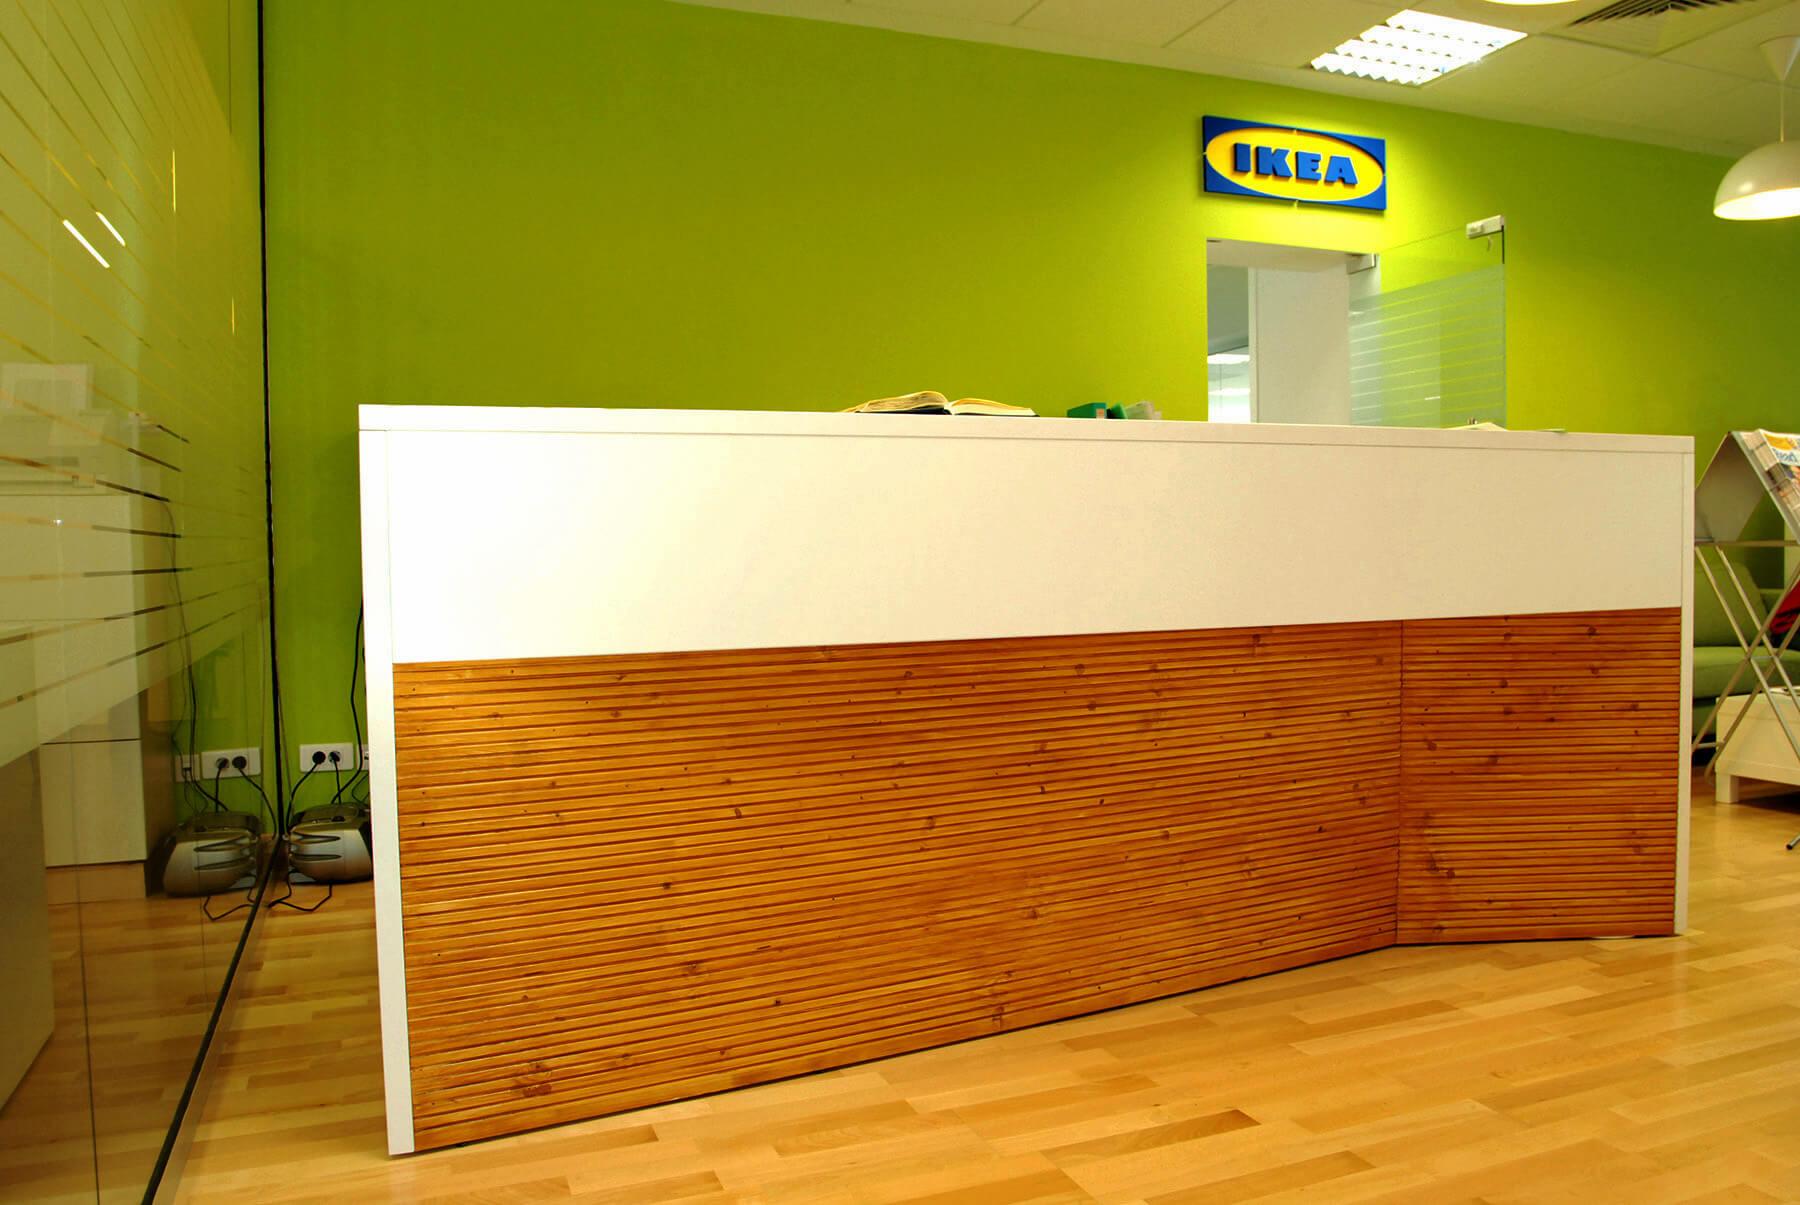 Office-sediu Ikea 00002